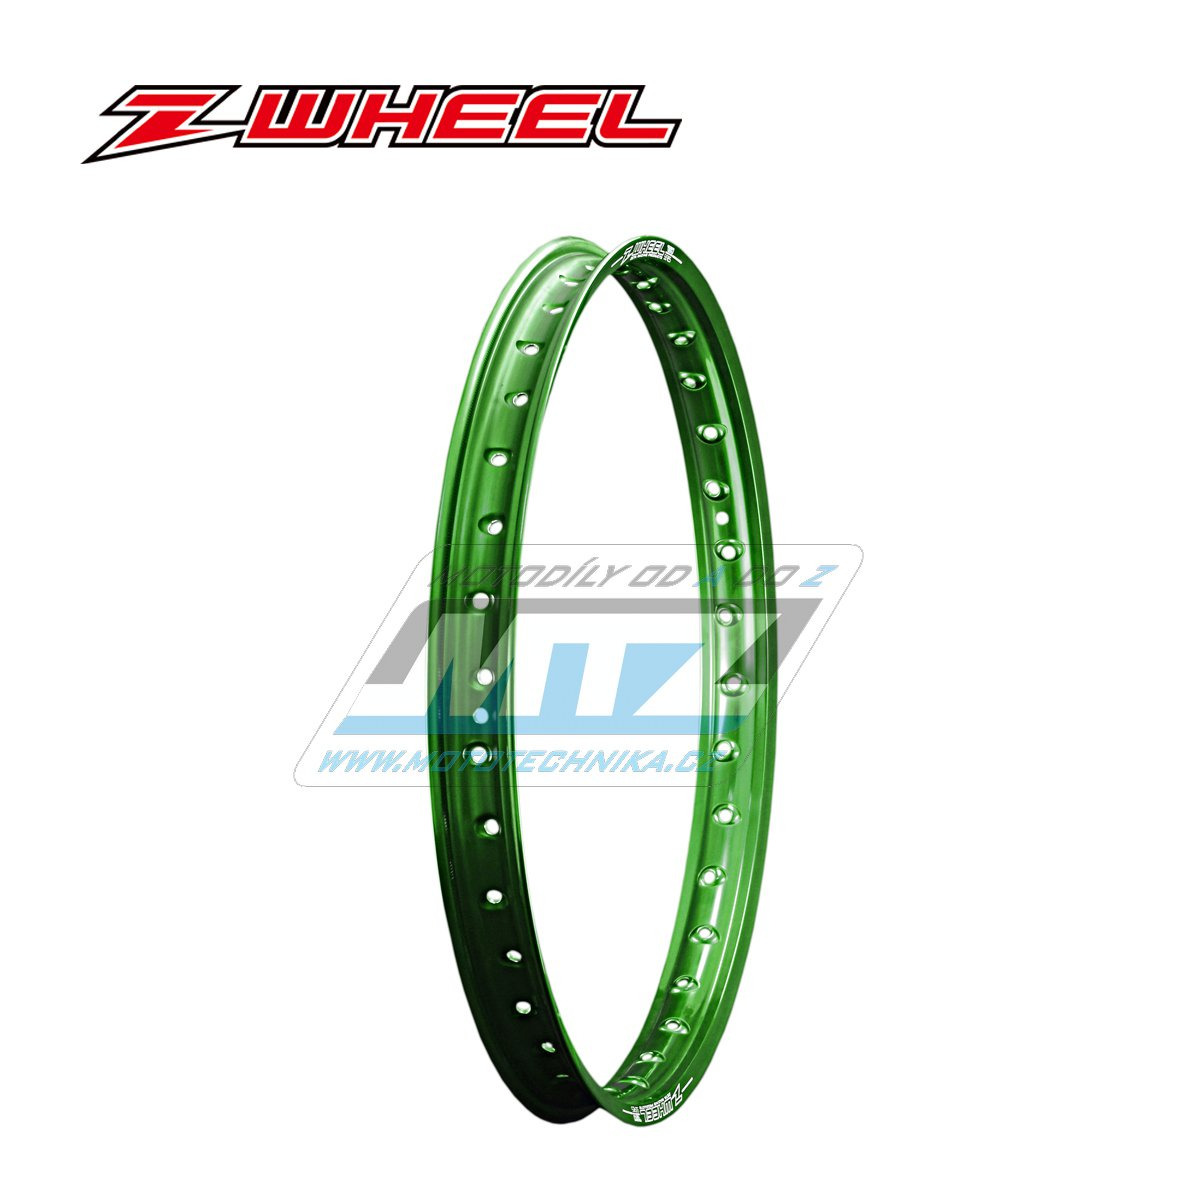 """Ráfek přední Zeta Z-WHEEL - rozměr 1,60x21"""" - 36H (předvrtaný 36otvorů) - zelený"""